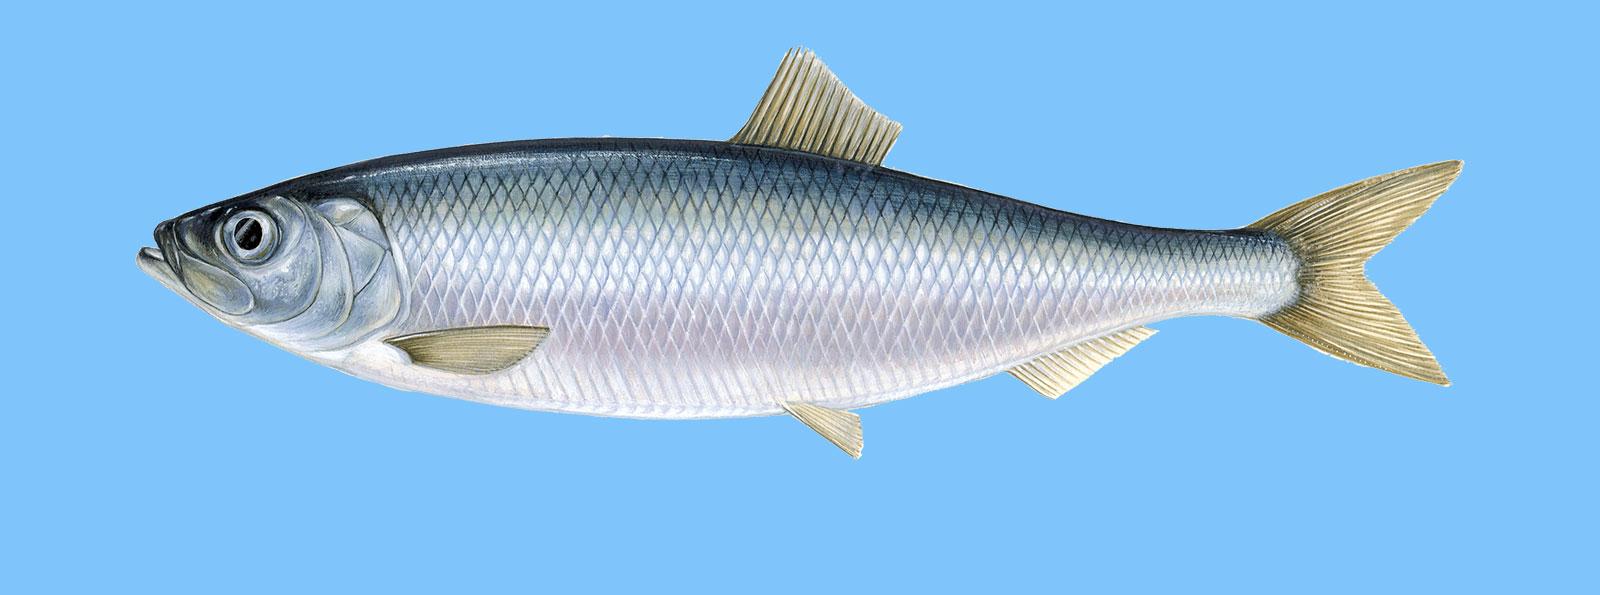 Hering - Der WWF Fischratgeber